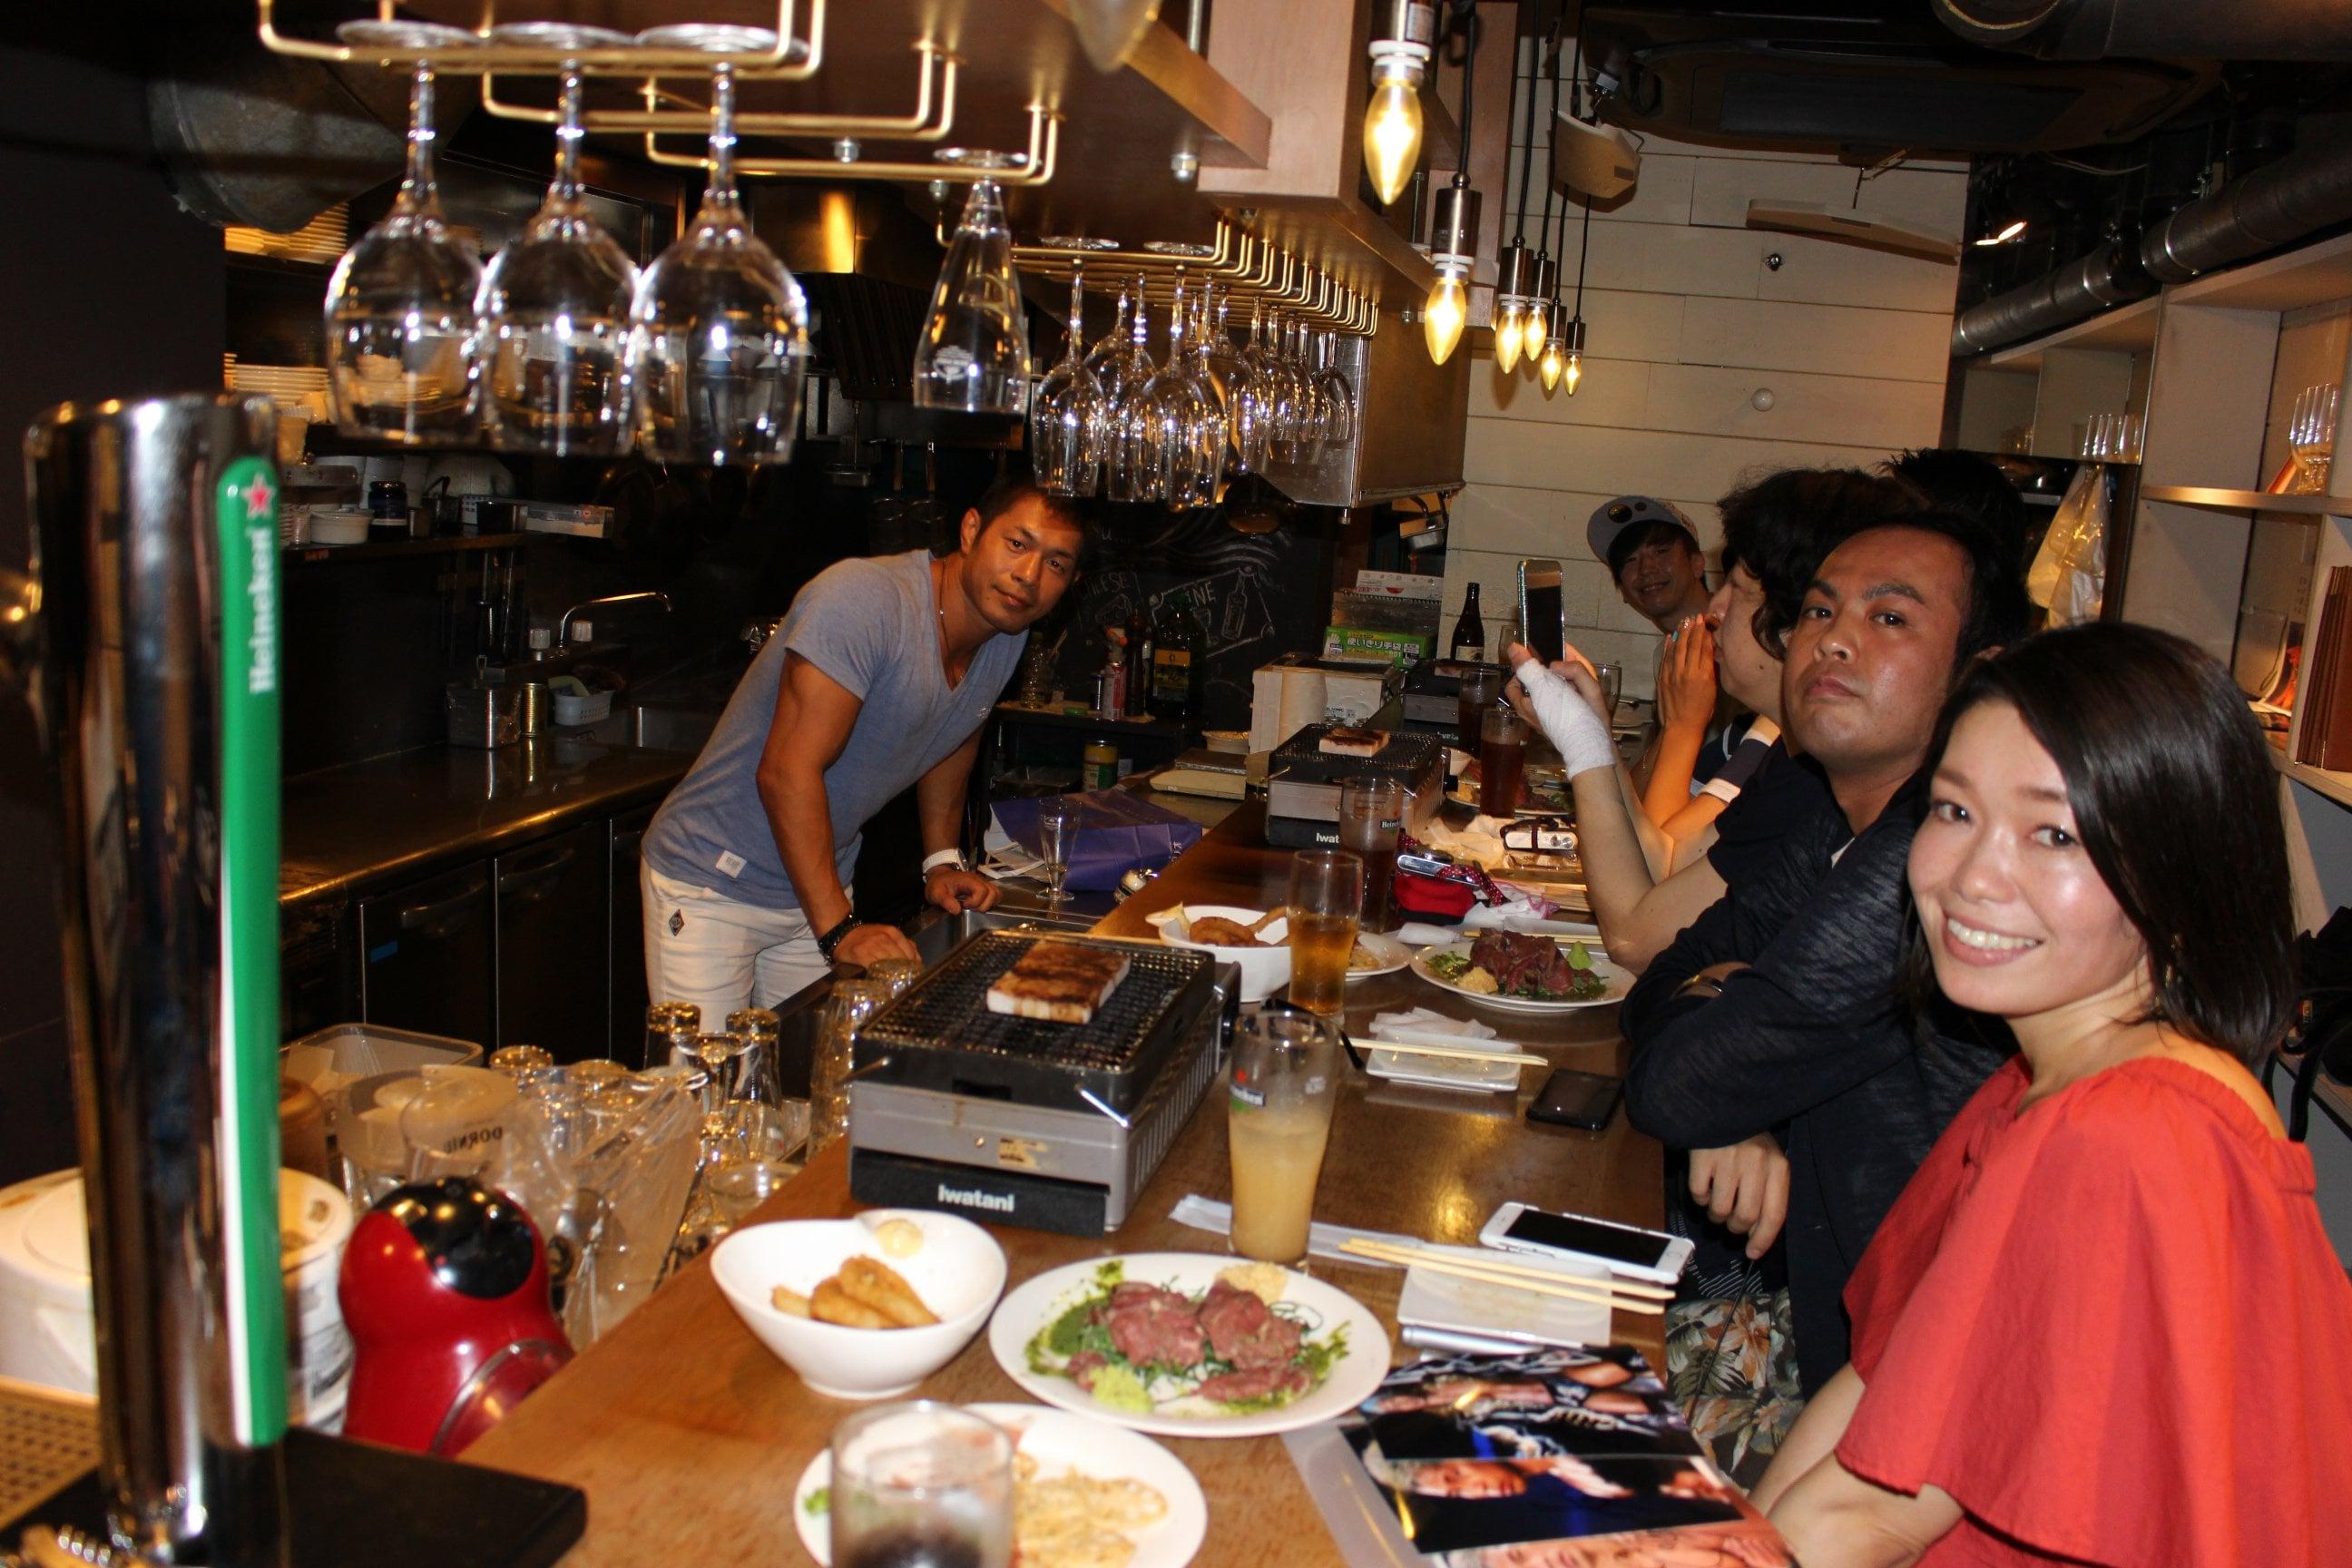 [FC会員様専用]限定20席!ドラゴンゲートディナーイベント・土井吉 in 肉のヒマラヤTEPPAN 赤坂(第二部19時30分スタート)のイメージその3